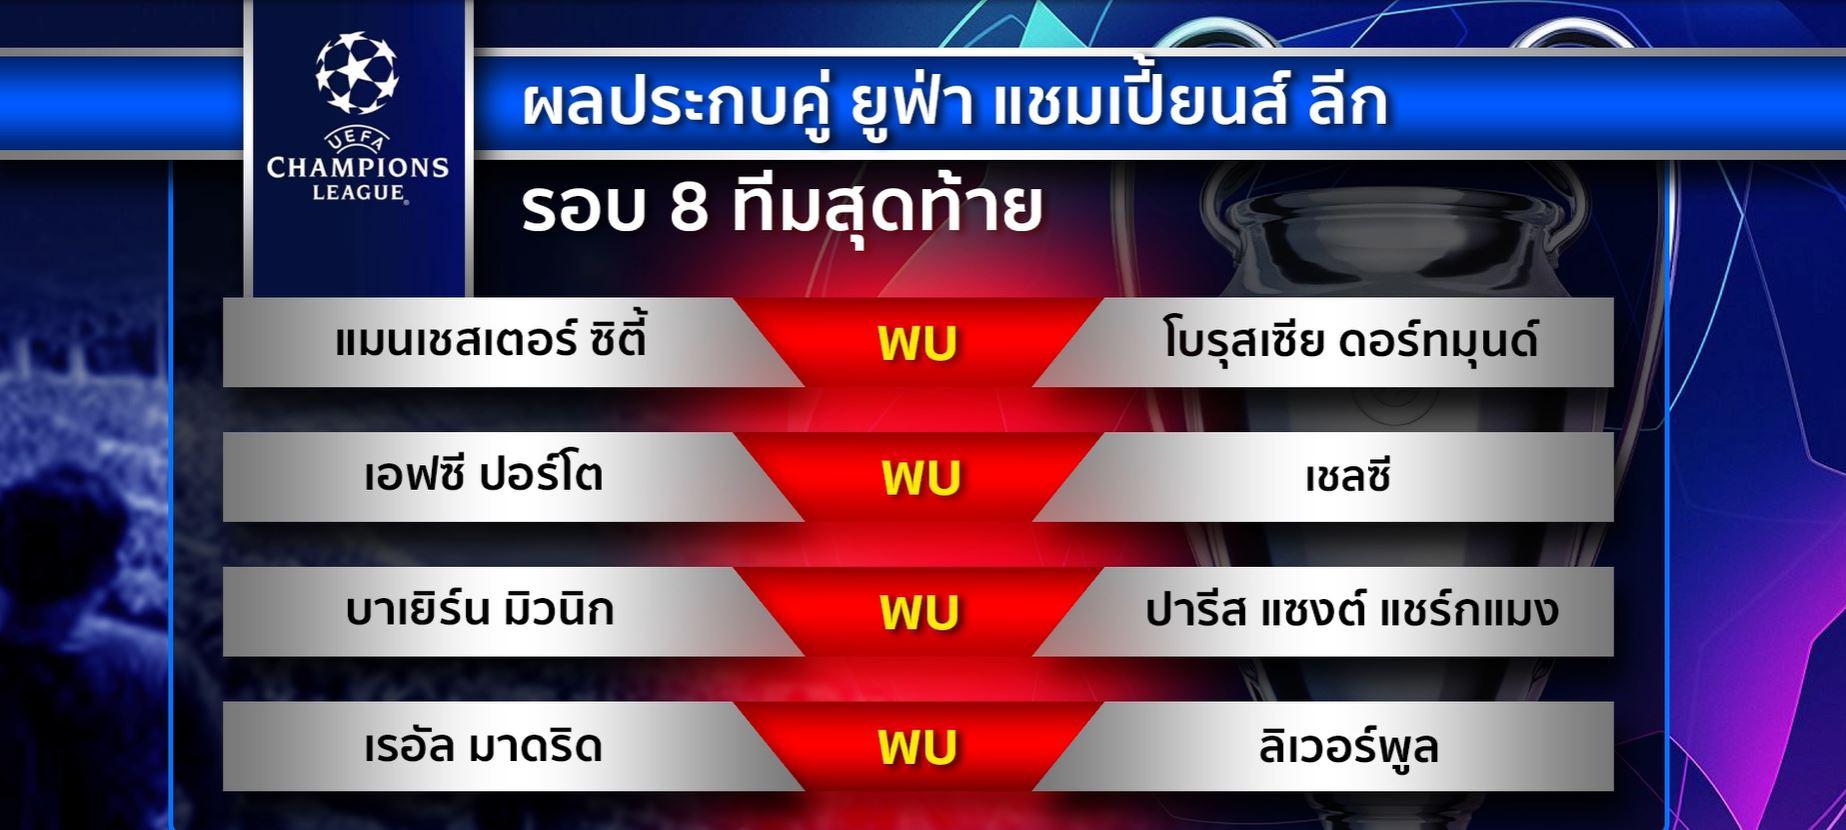 ผลจับสลากประกบคู่รอบ 8 ทีมสุดท้าย ยูฟ่า แชมเปียนส์ลีก - สำนักข่าวไทย อสมท